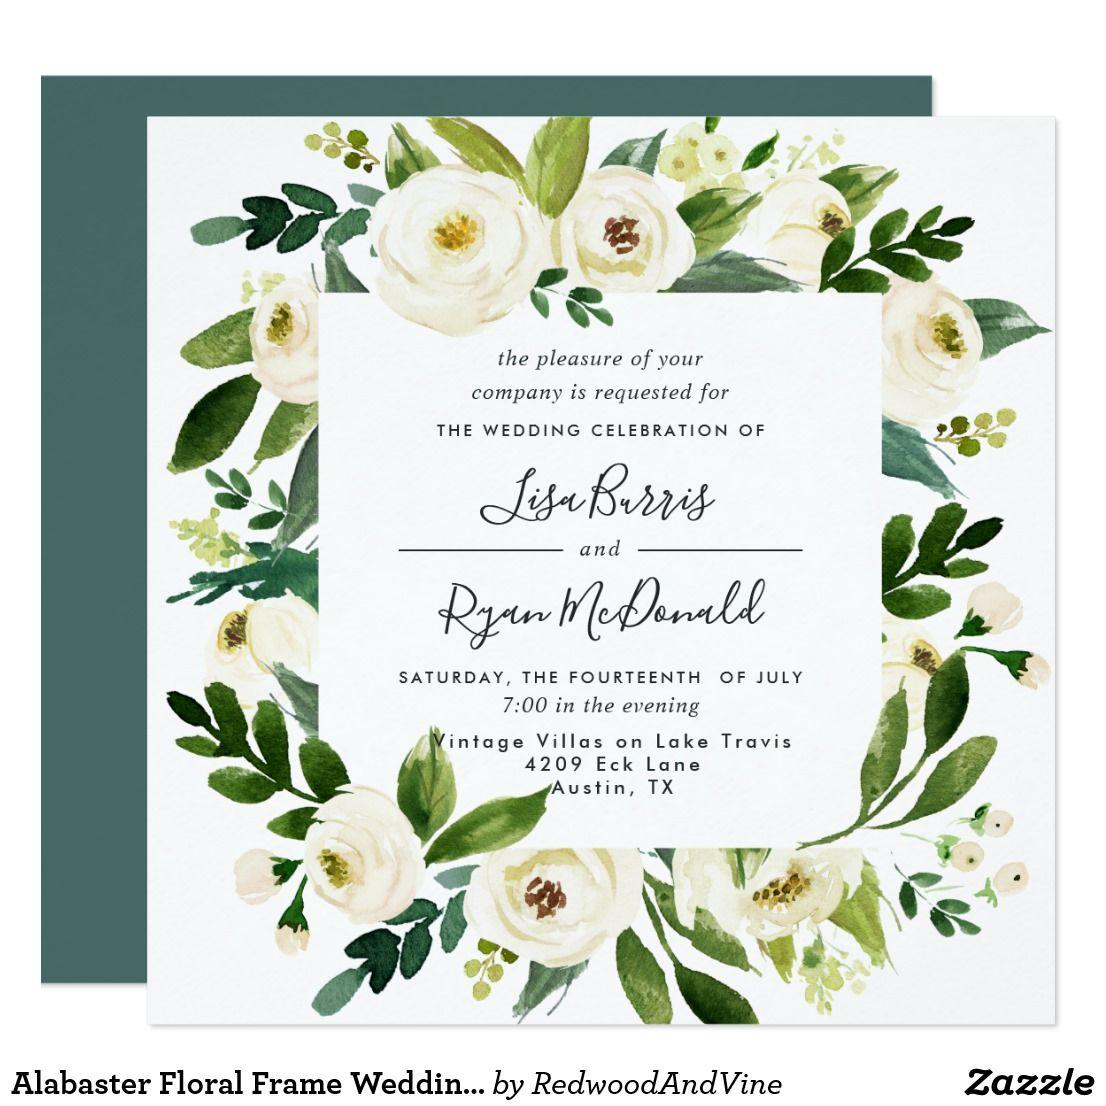 Alabaster Floral Frame Wedding Invitation   Square   wedding ...